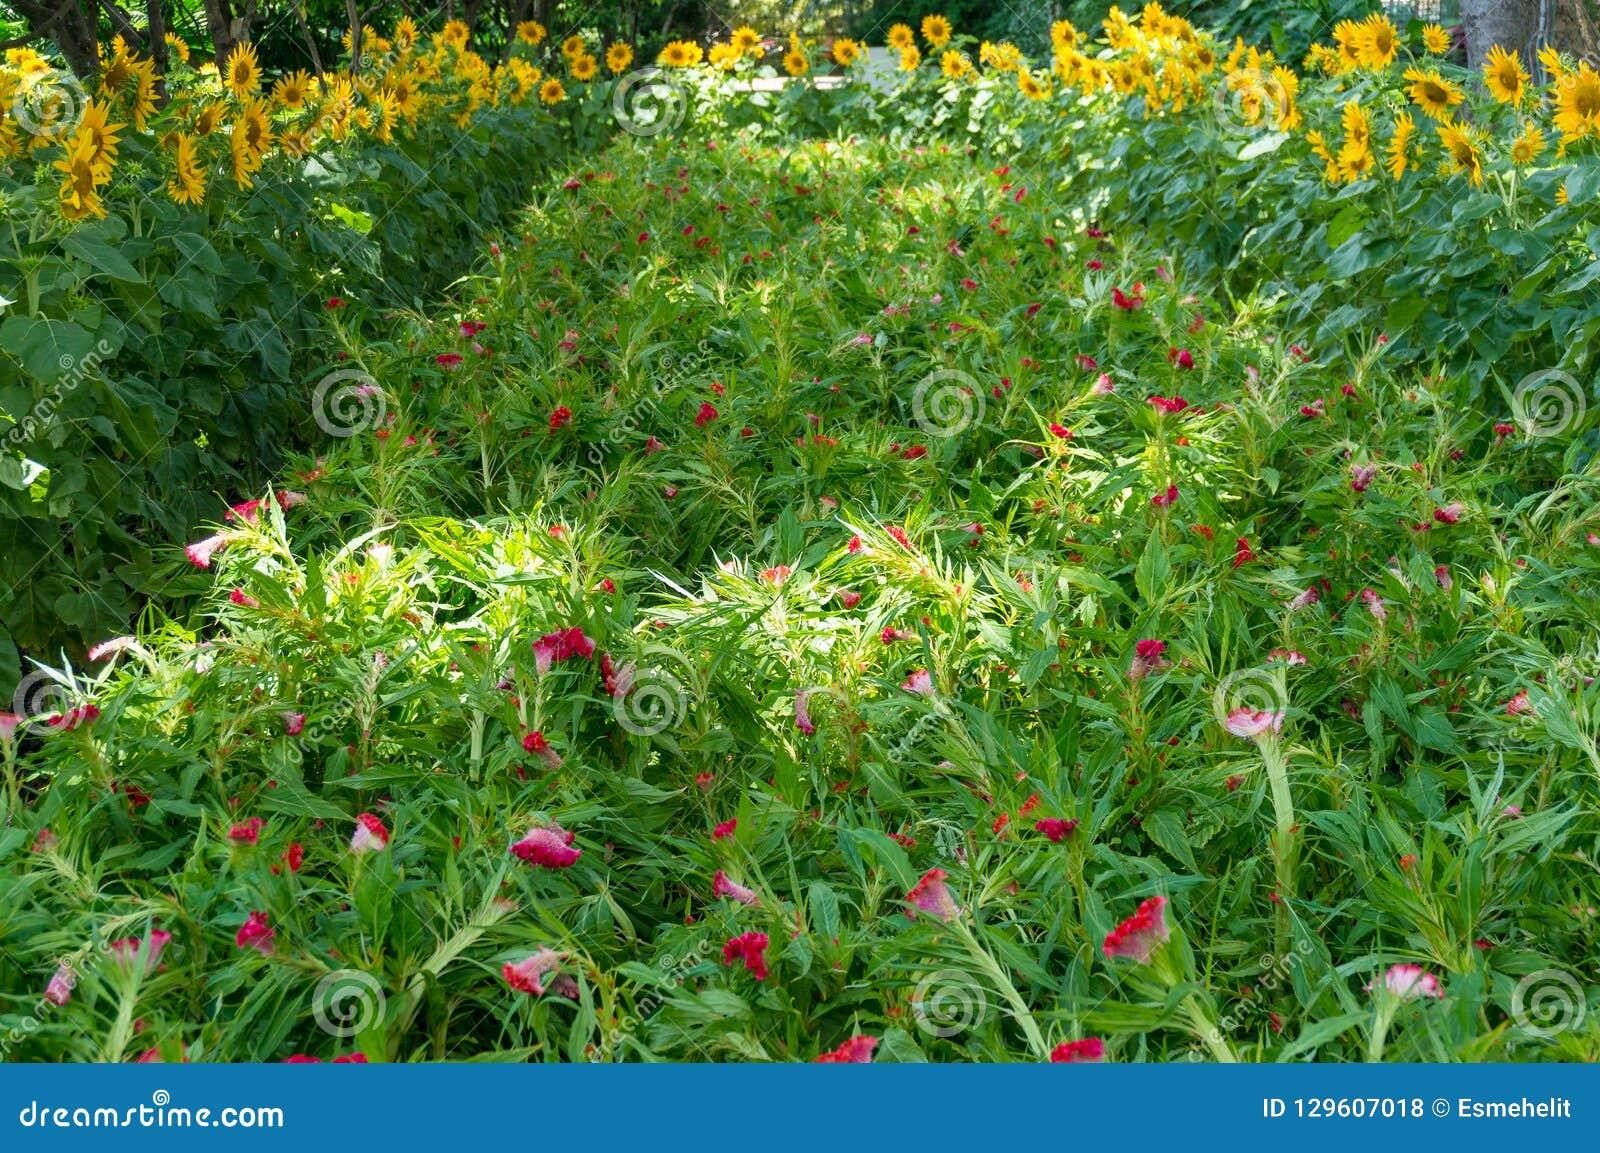 Aard bloemenachtergrond van weelderige groene bladeren en exotische rode flo